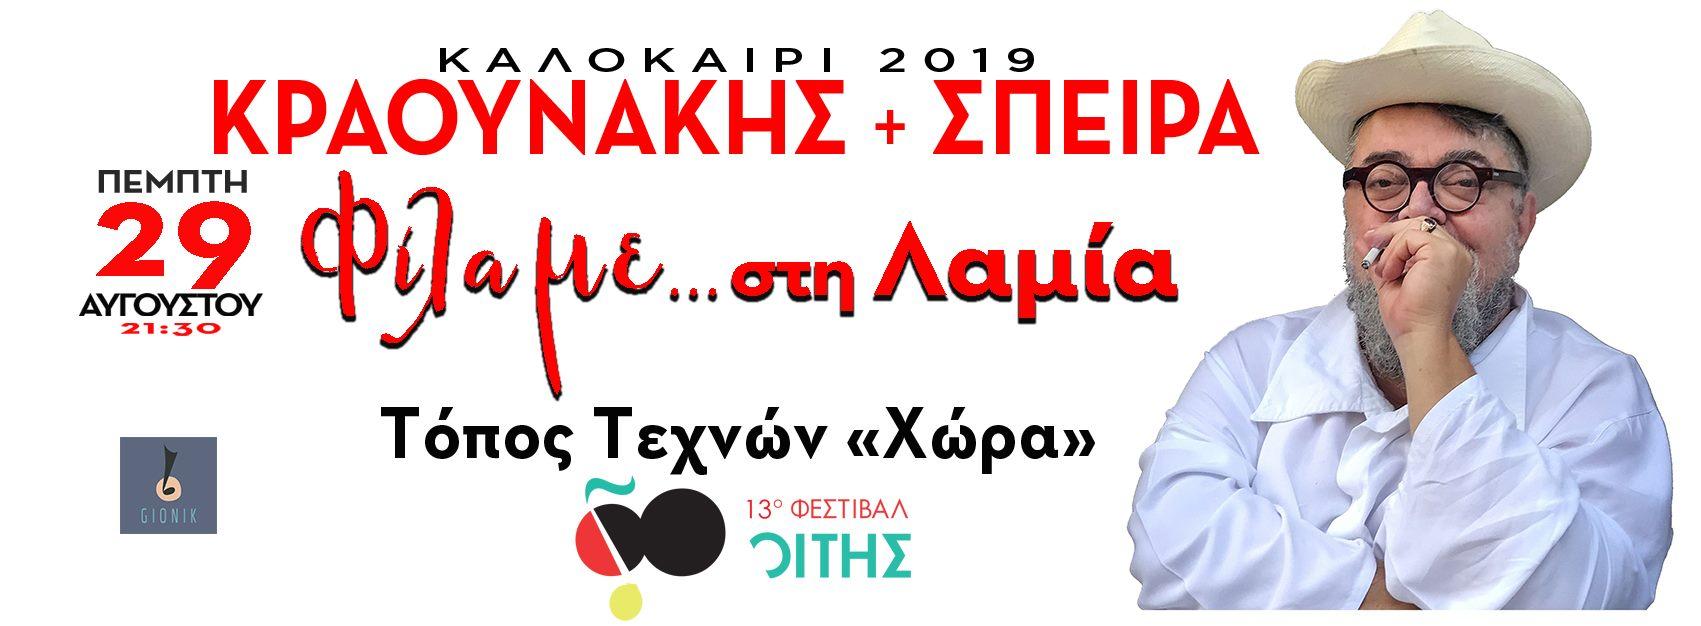 «Φίλα Με …στην Λαμία» | Σταμάτης Κραουνάκης + Σπείρα Σπείρα | Πέμπτη 29 Αυγούστου,  21.30 Τόπος Τεχνών «Χώρα» Φεστιβάλ Οίτης